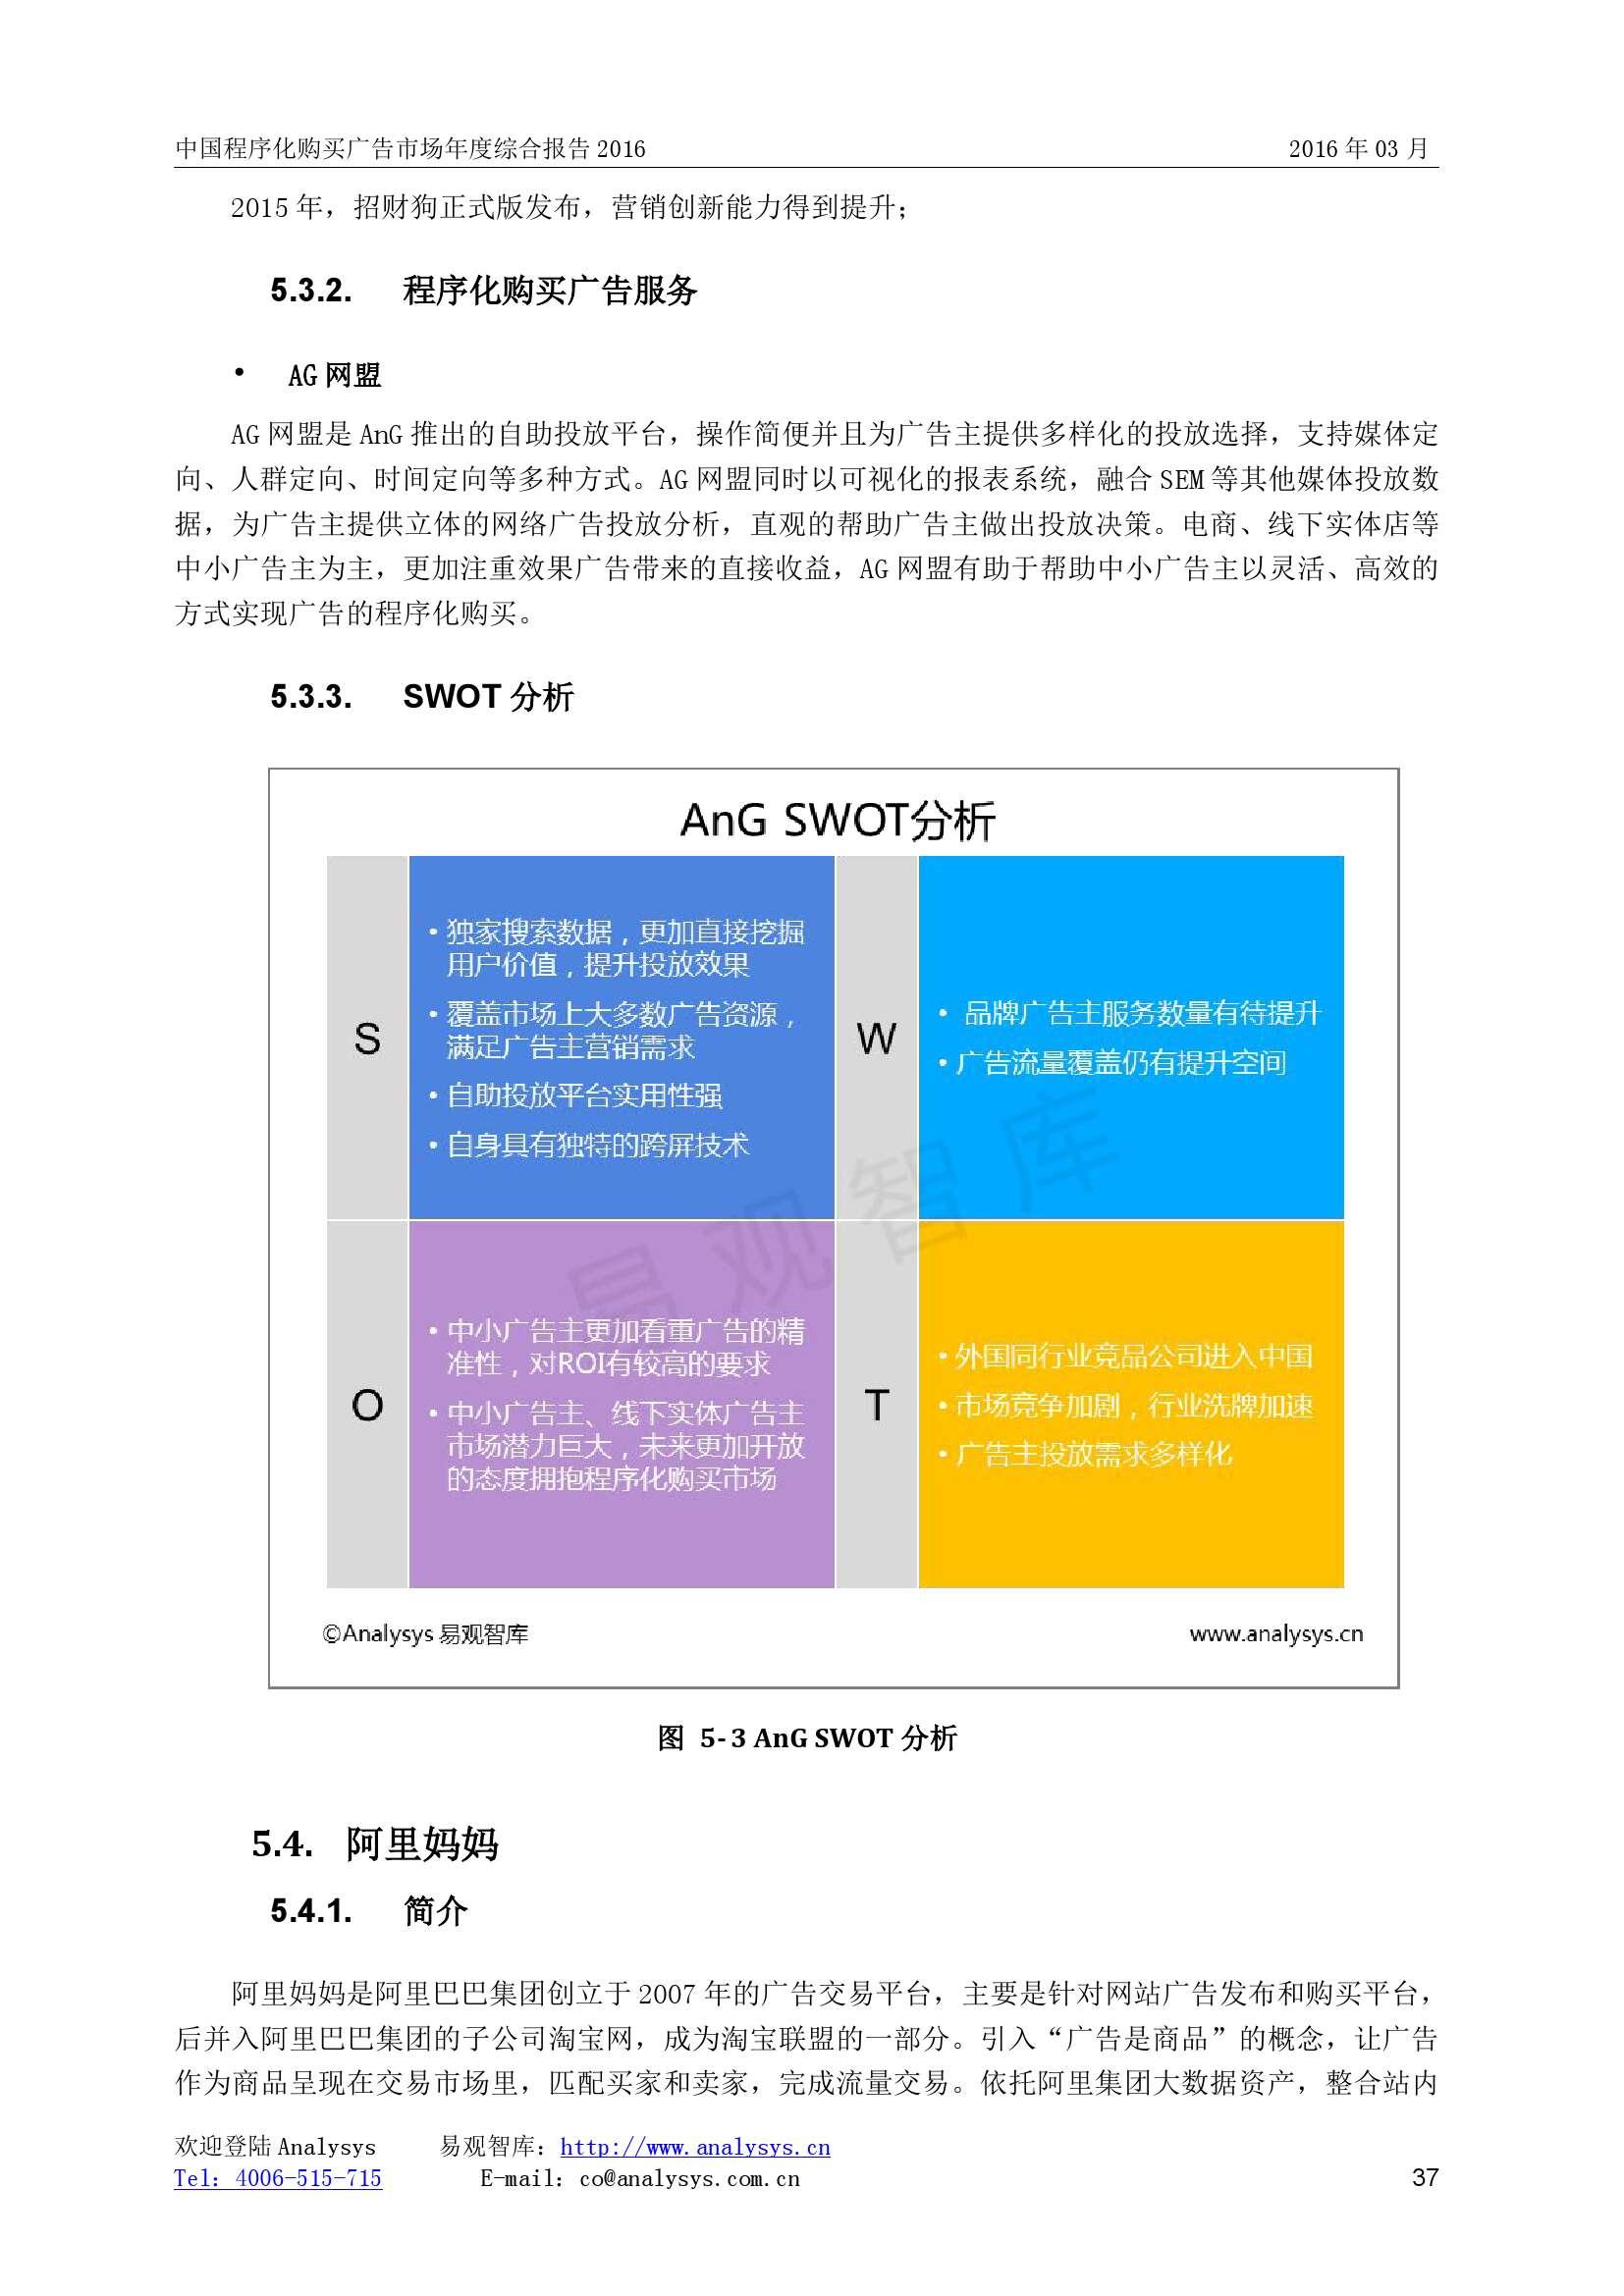 中国程序化购买广告市场年度综合报告2016_000037